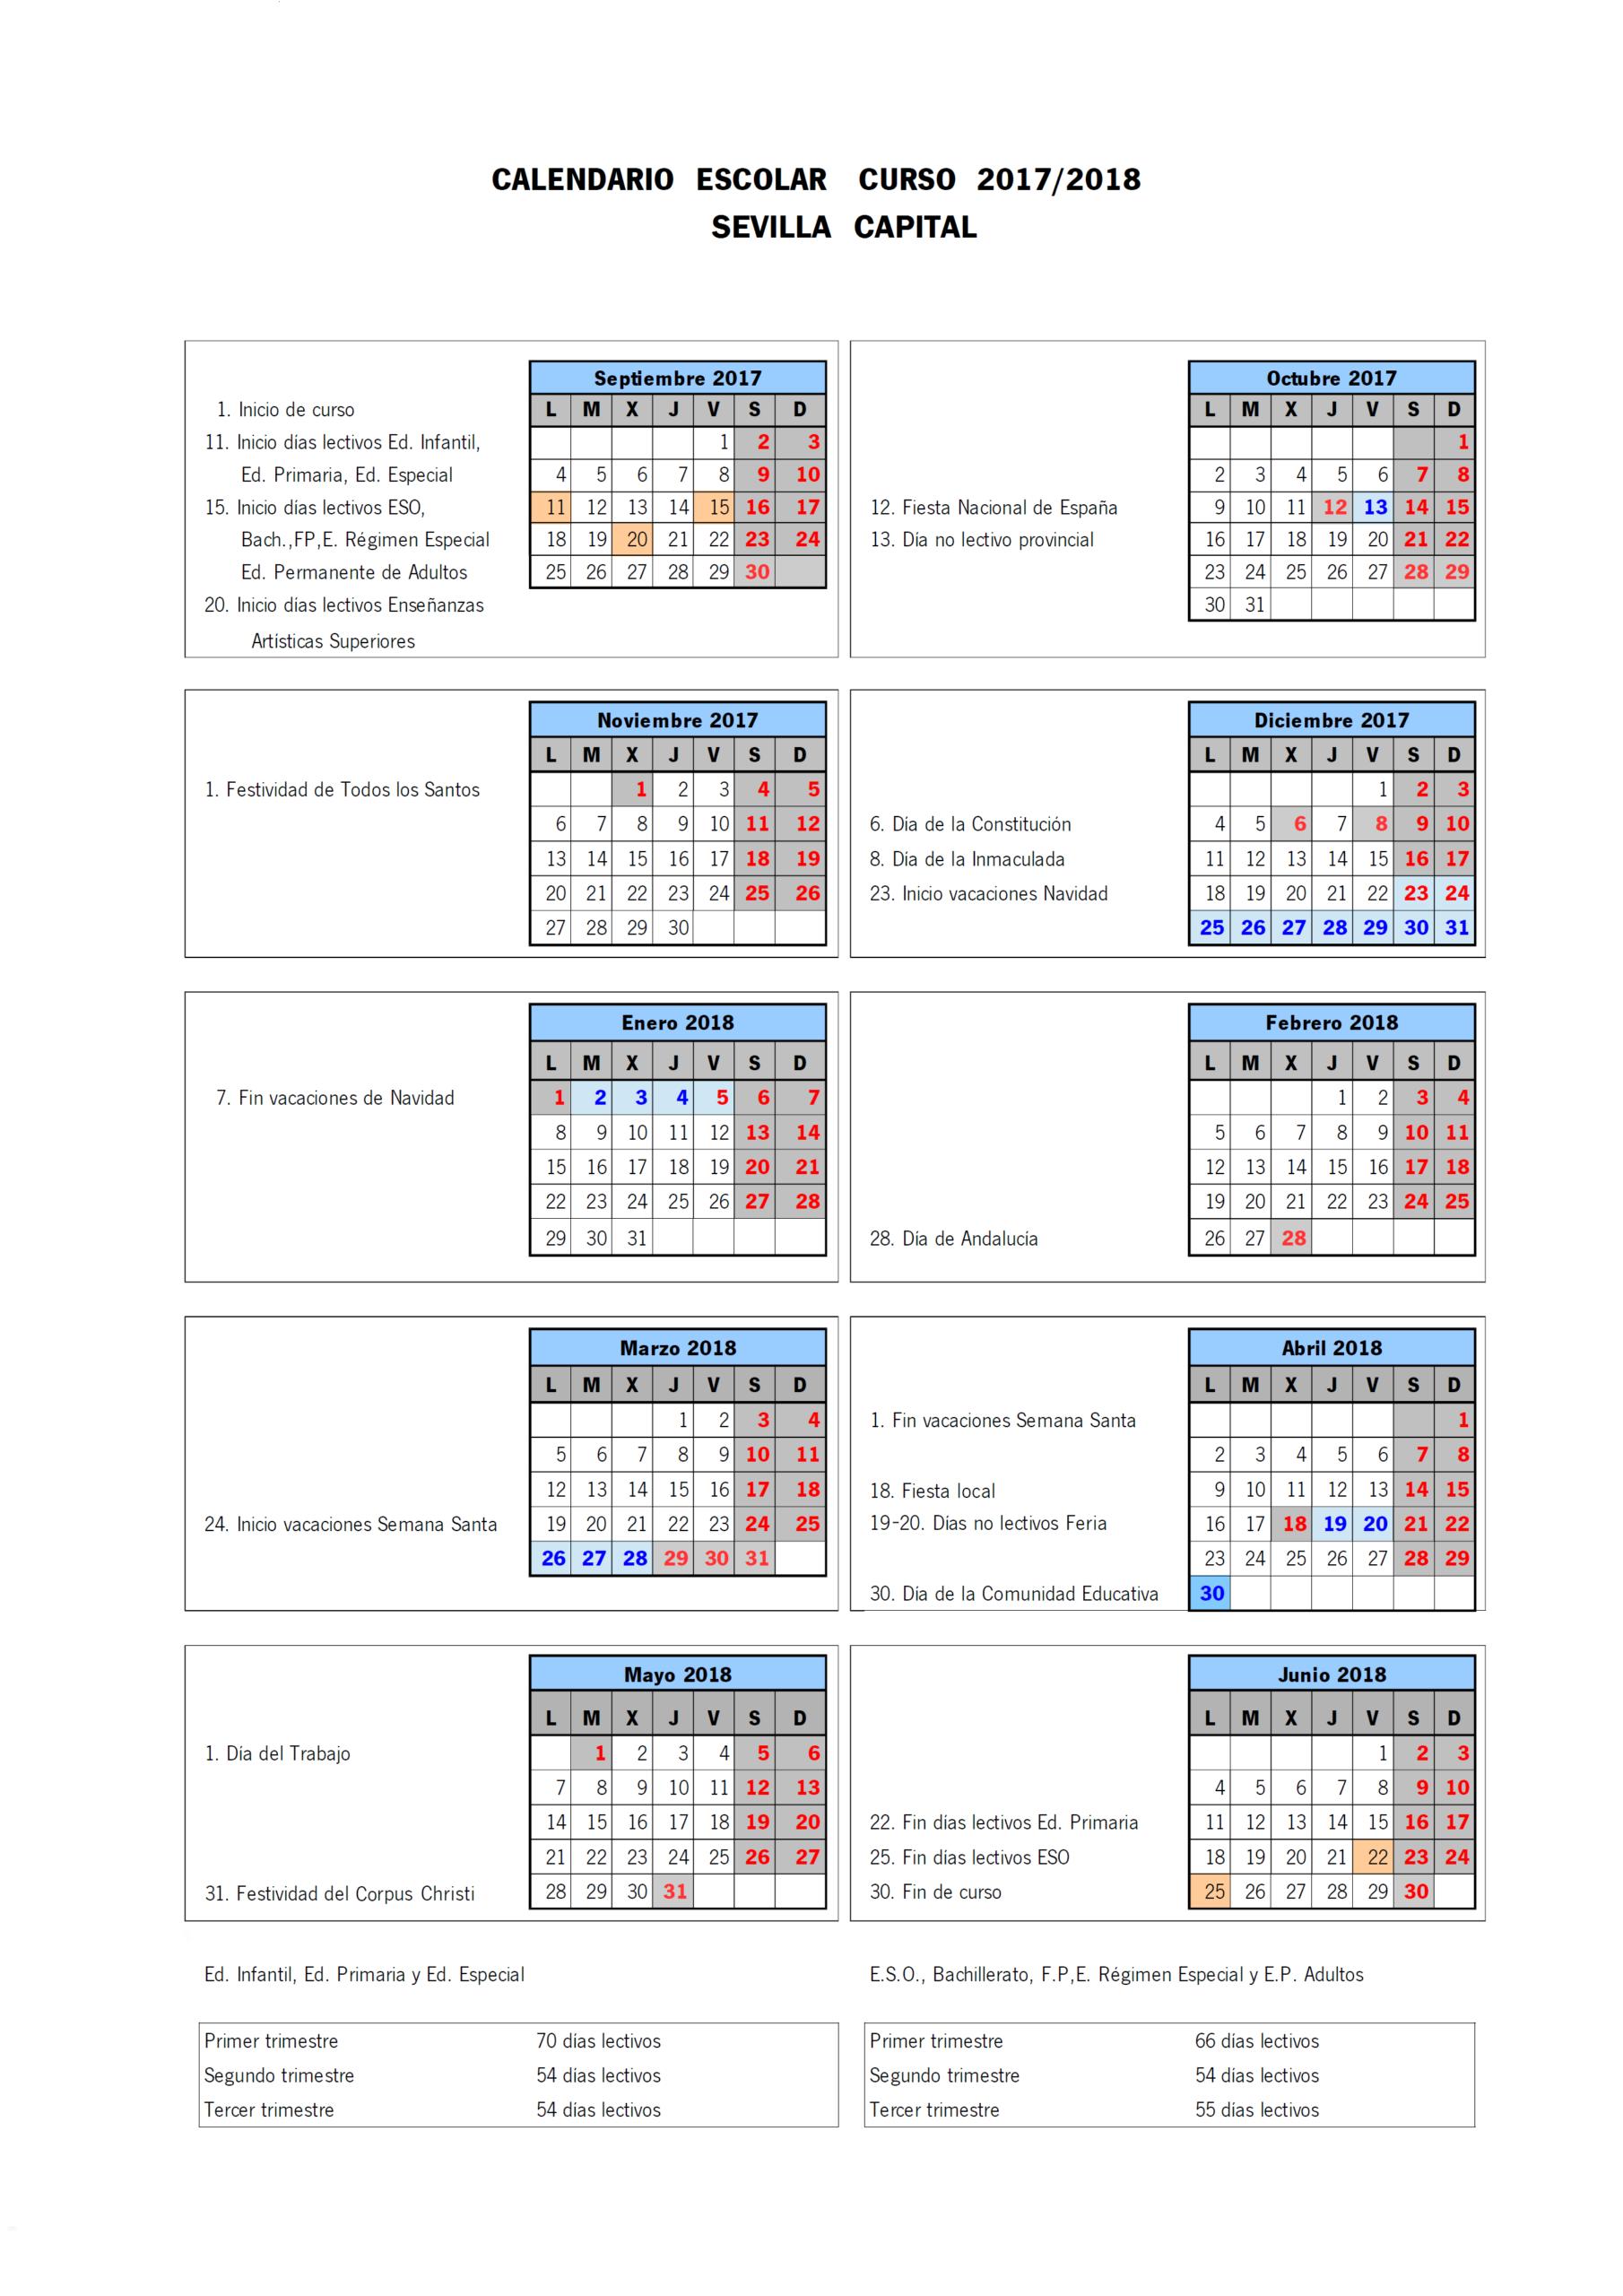 Calendario Escolar 2017-2018 – Academia Enseñanza throughout Calendario Escolar WordPress